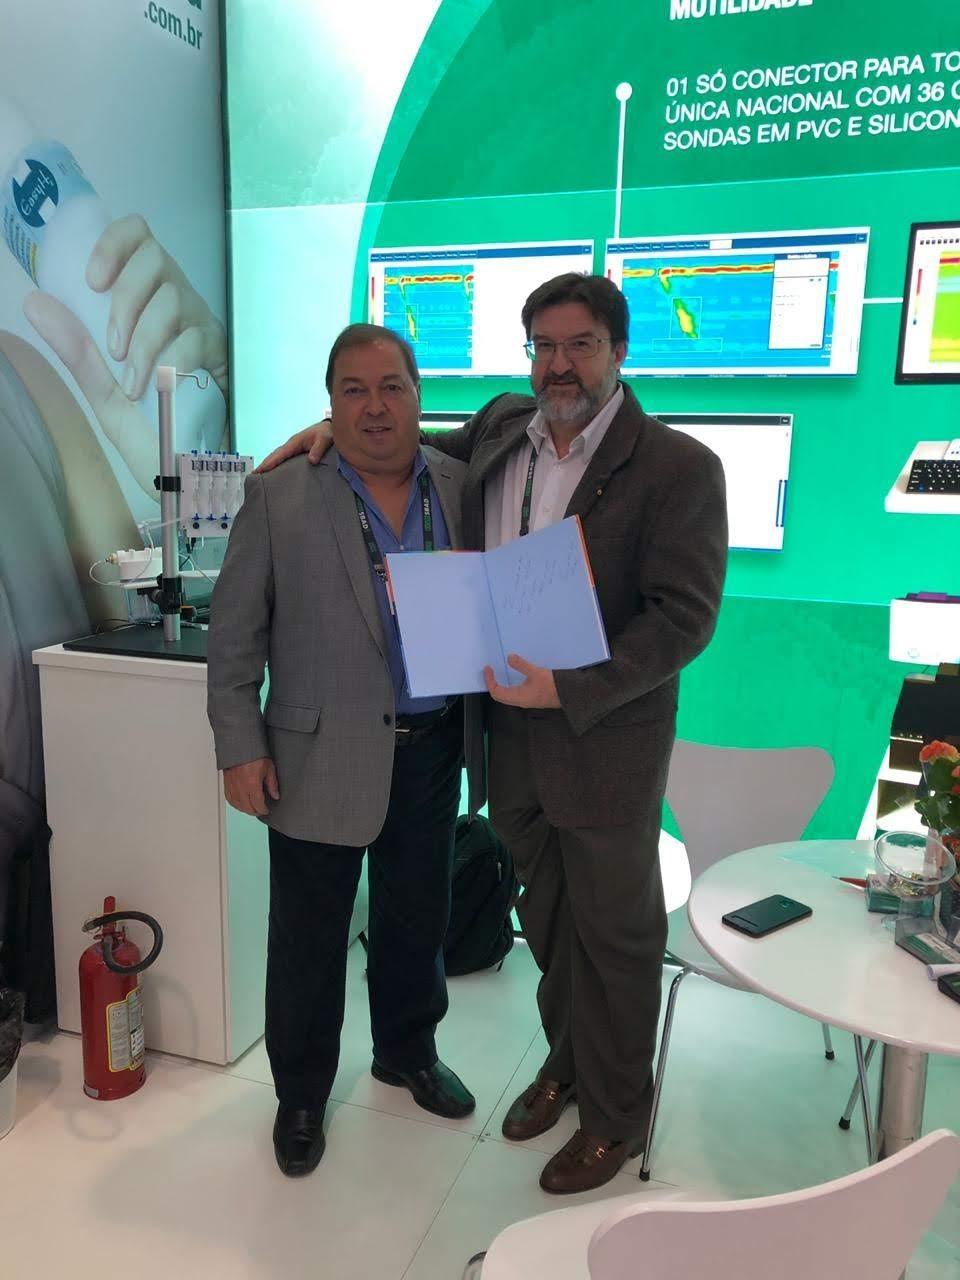 Sr. Manoel Soares recebendo livro do amigo Dr. Ricardo Guilherme Viebig.